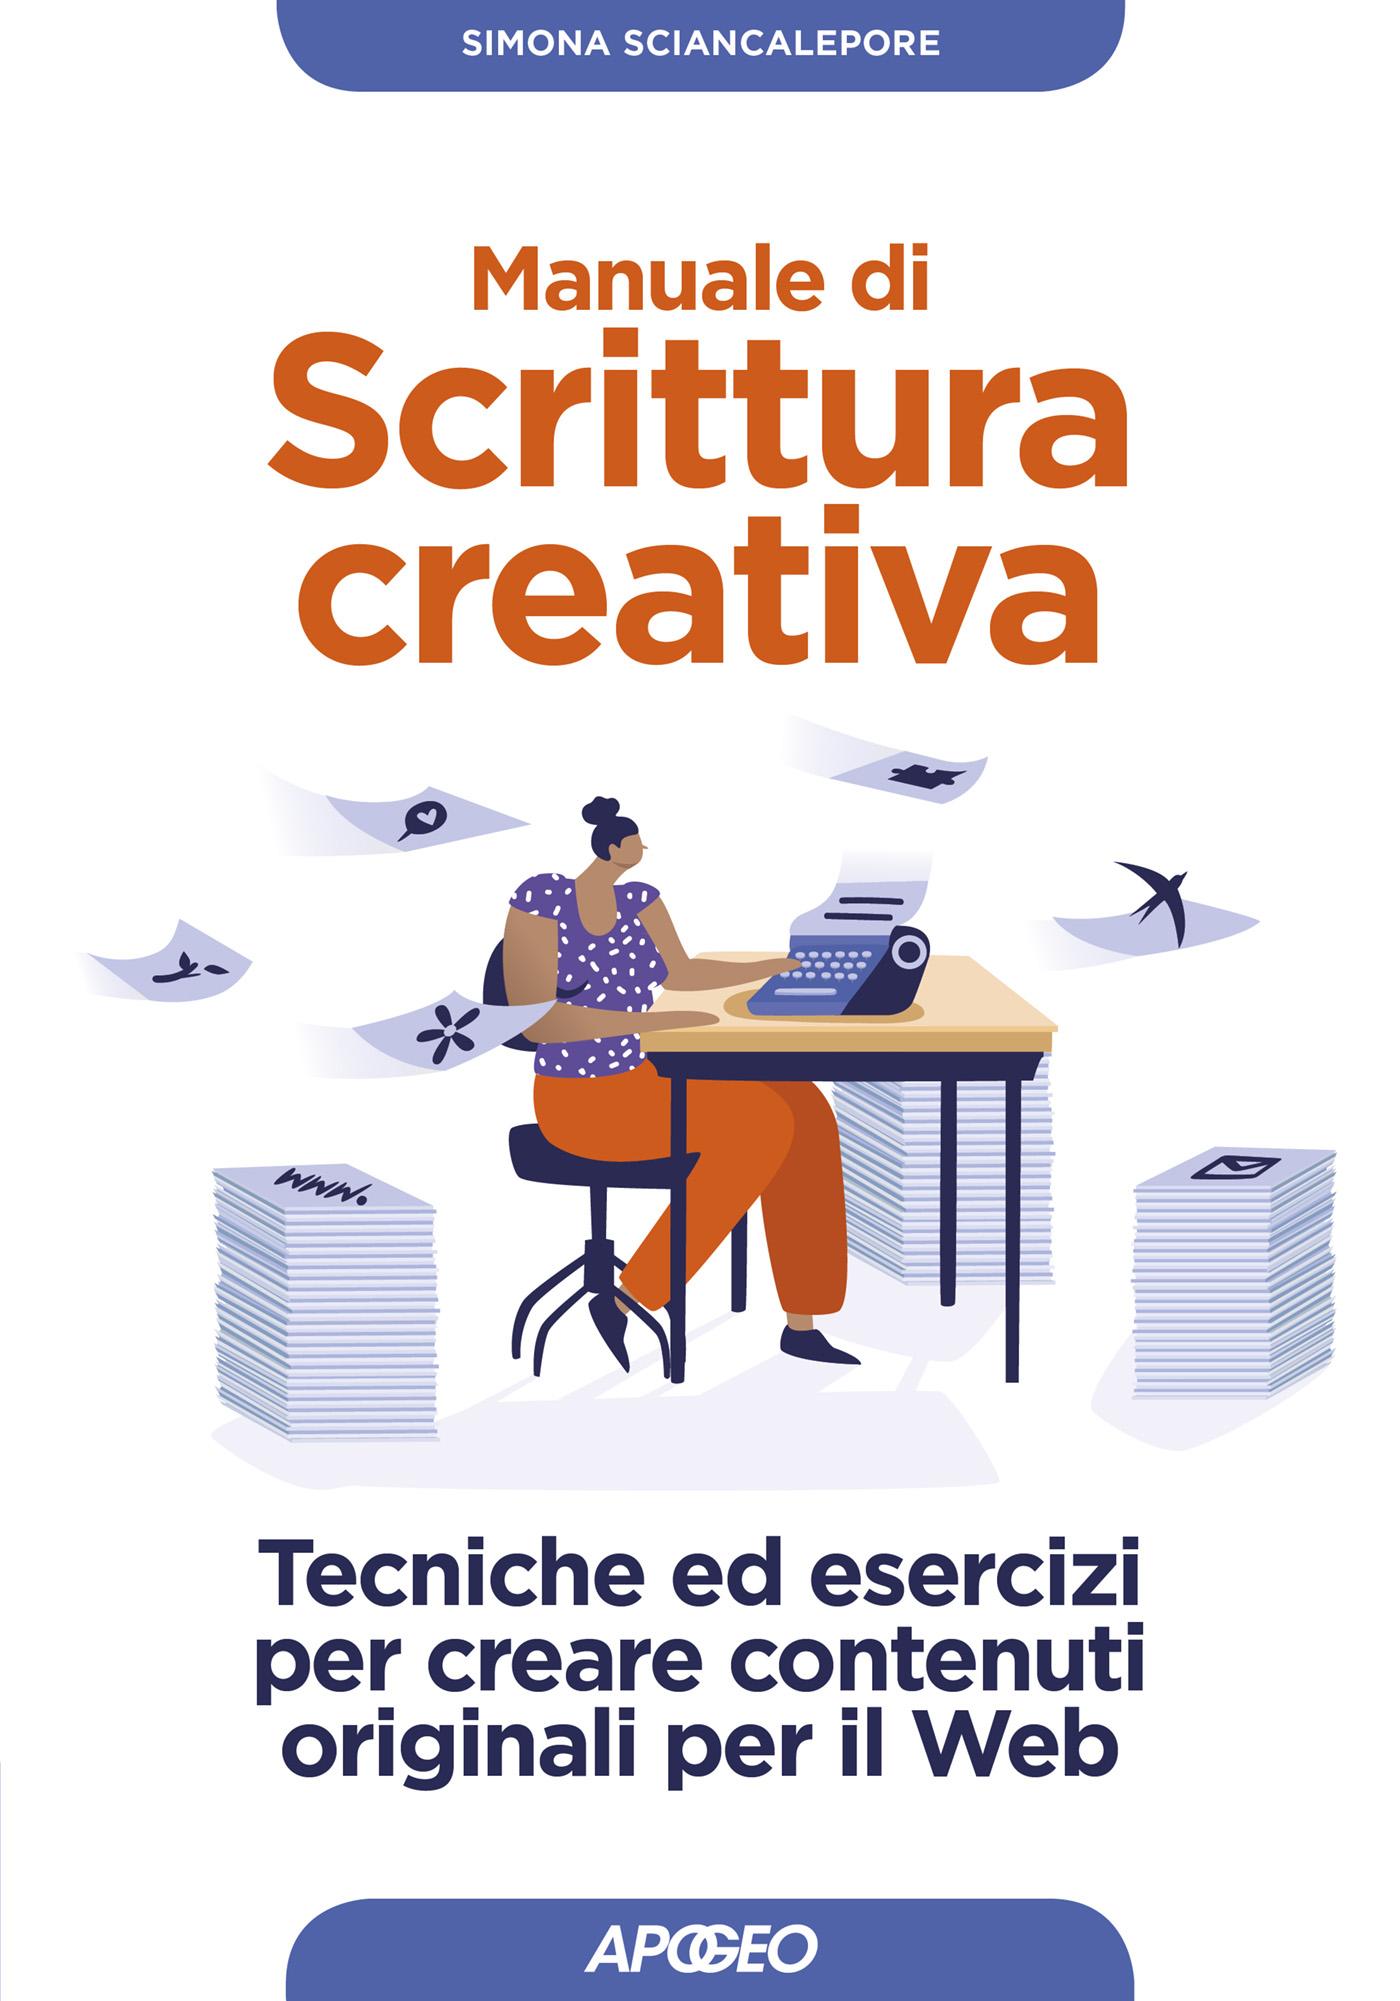 Manuale di scrittura creativa, di Simona Sciancalepore